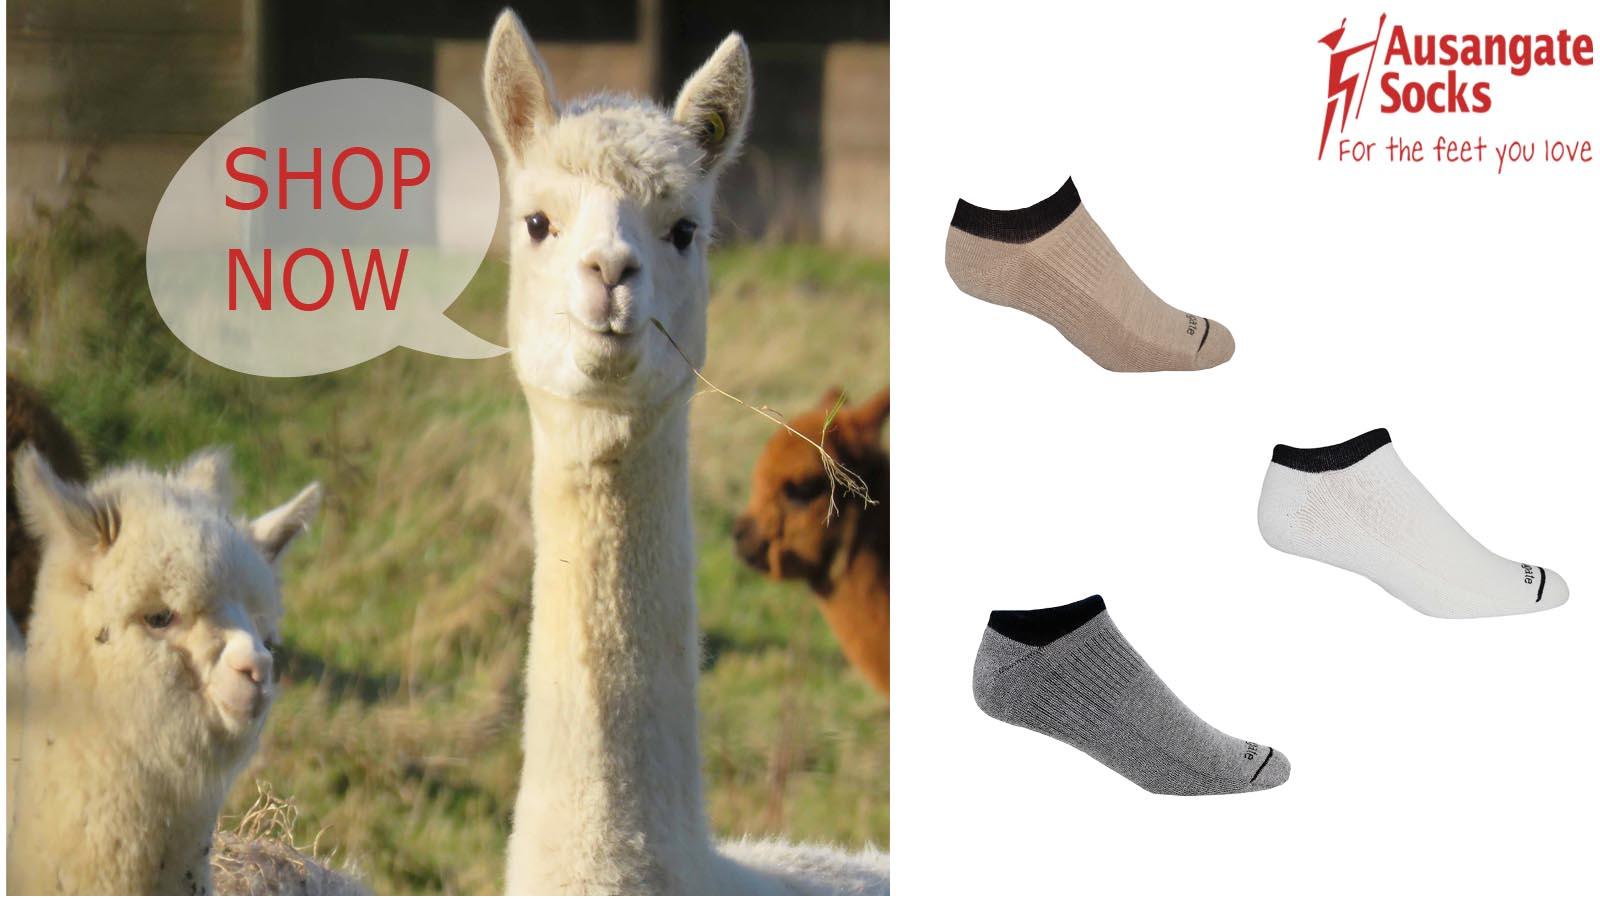 Ausangate no-show alpaca socks.